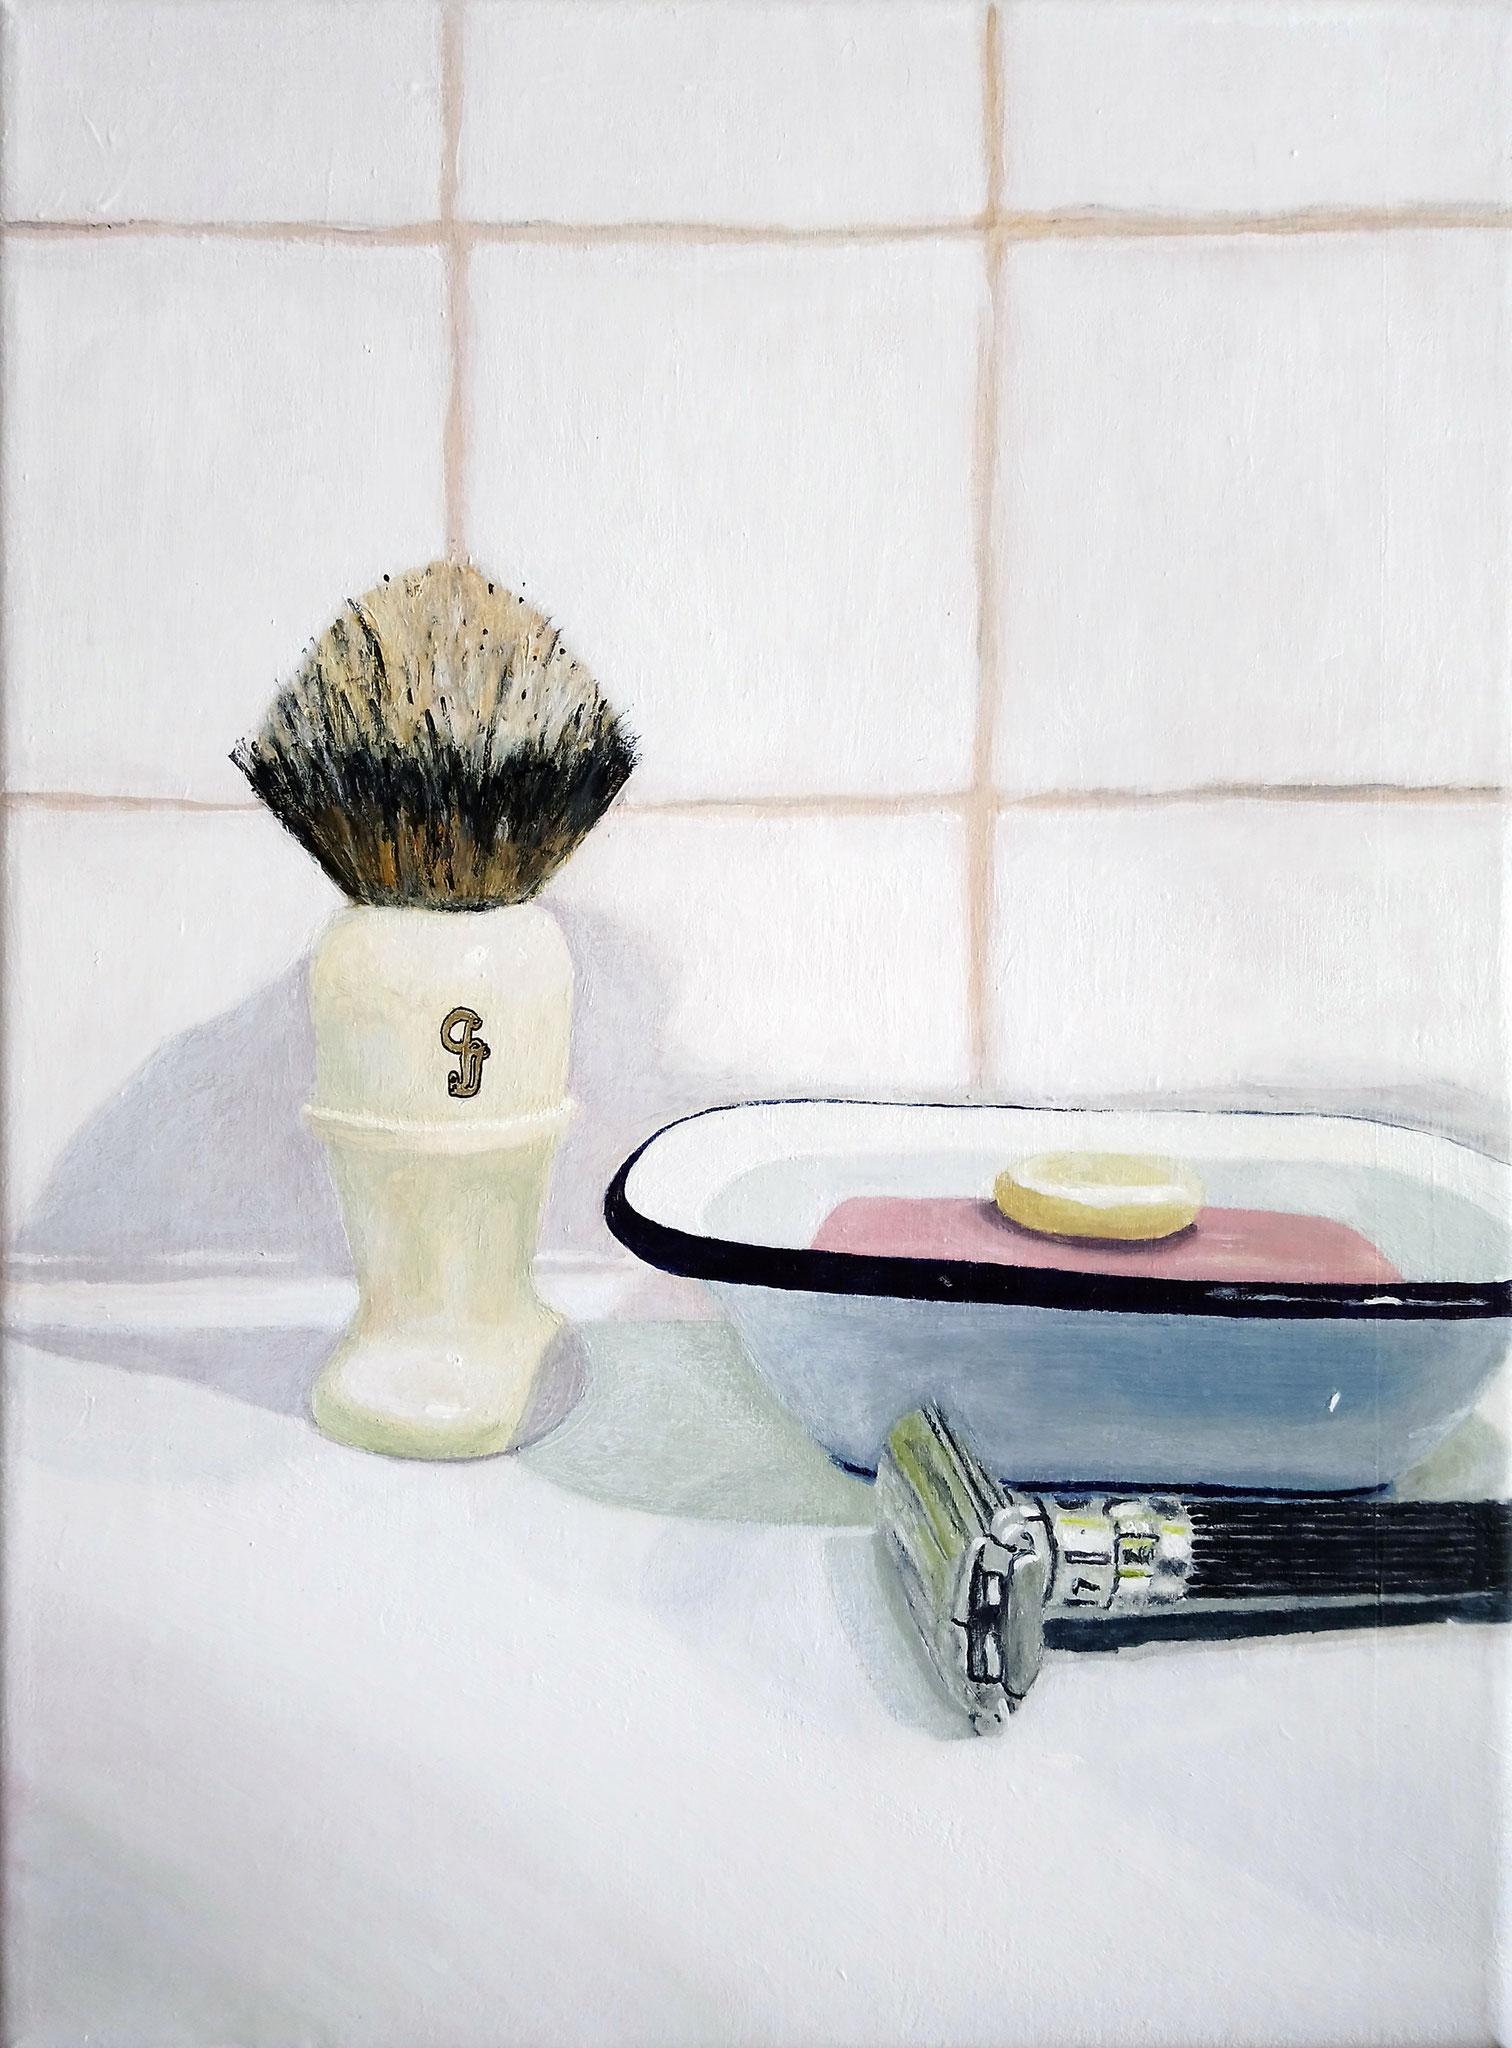 Fabien Gilles, la toilette, acrylique sur toile, 30 cm x 40 cm, Fonds d'art contemporain de la Ville de Rennes.